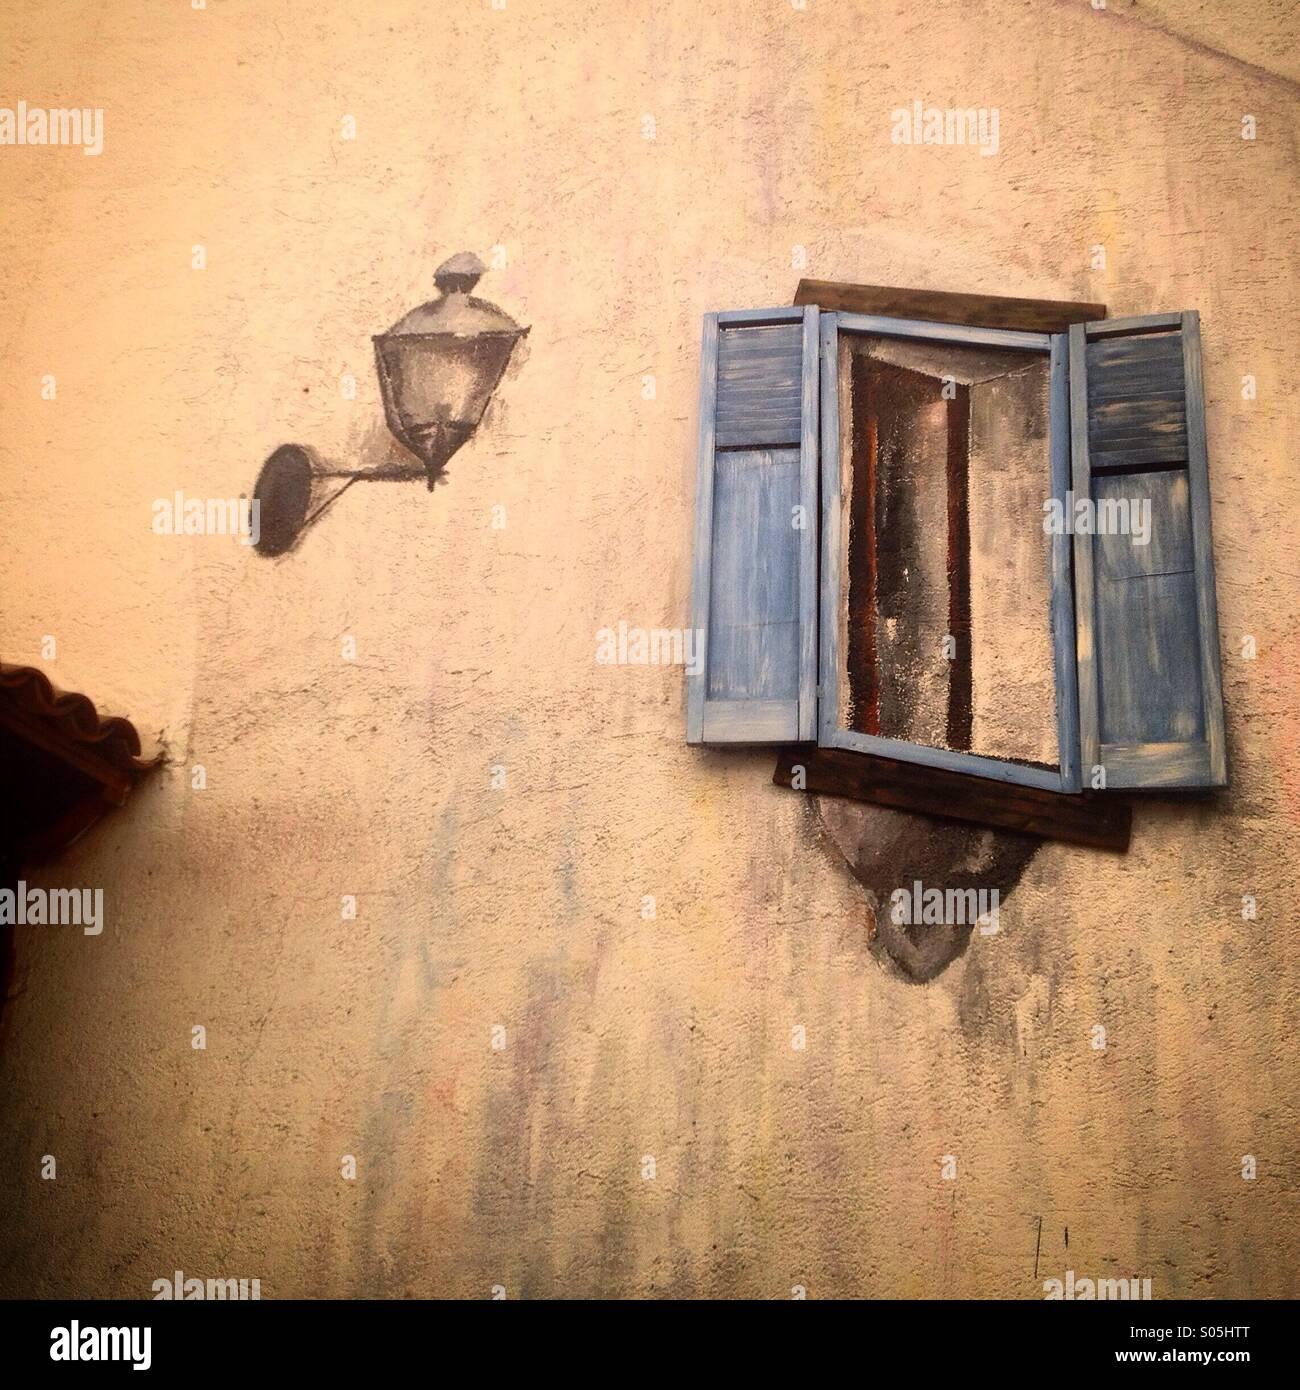 Una ventana y una lámpara de la calle pintado en una pared naranja decorar la hija del Alfarero hotel en Queretaro, Imagen De Stock